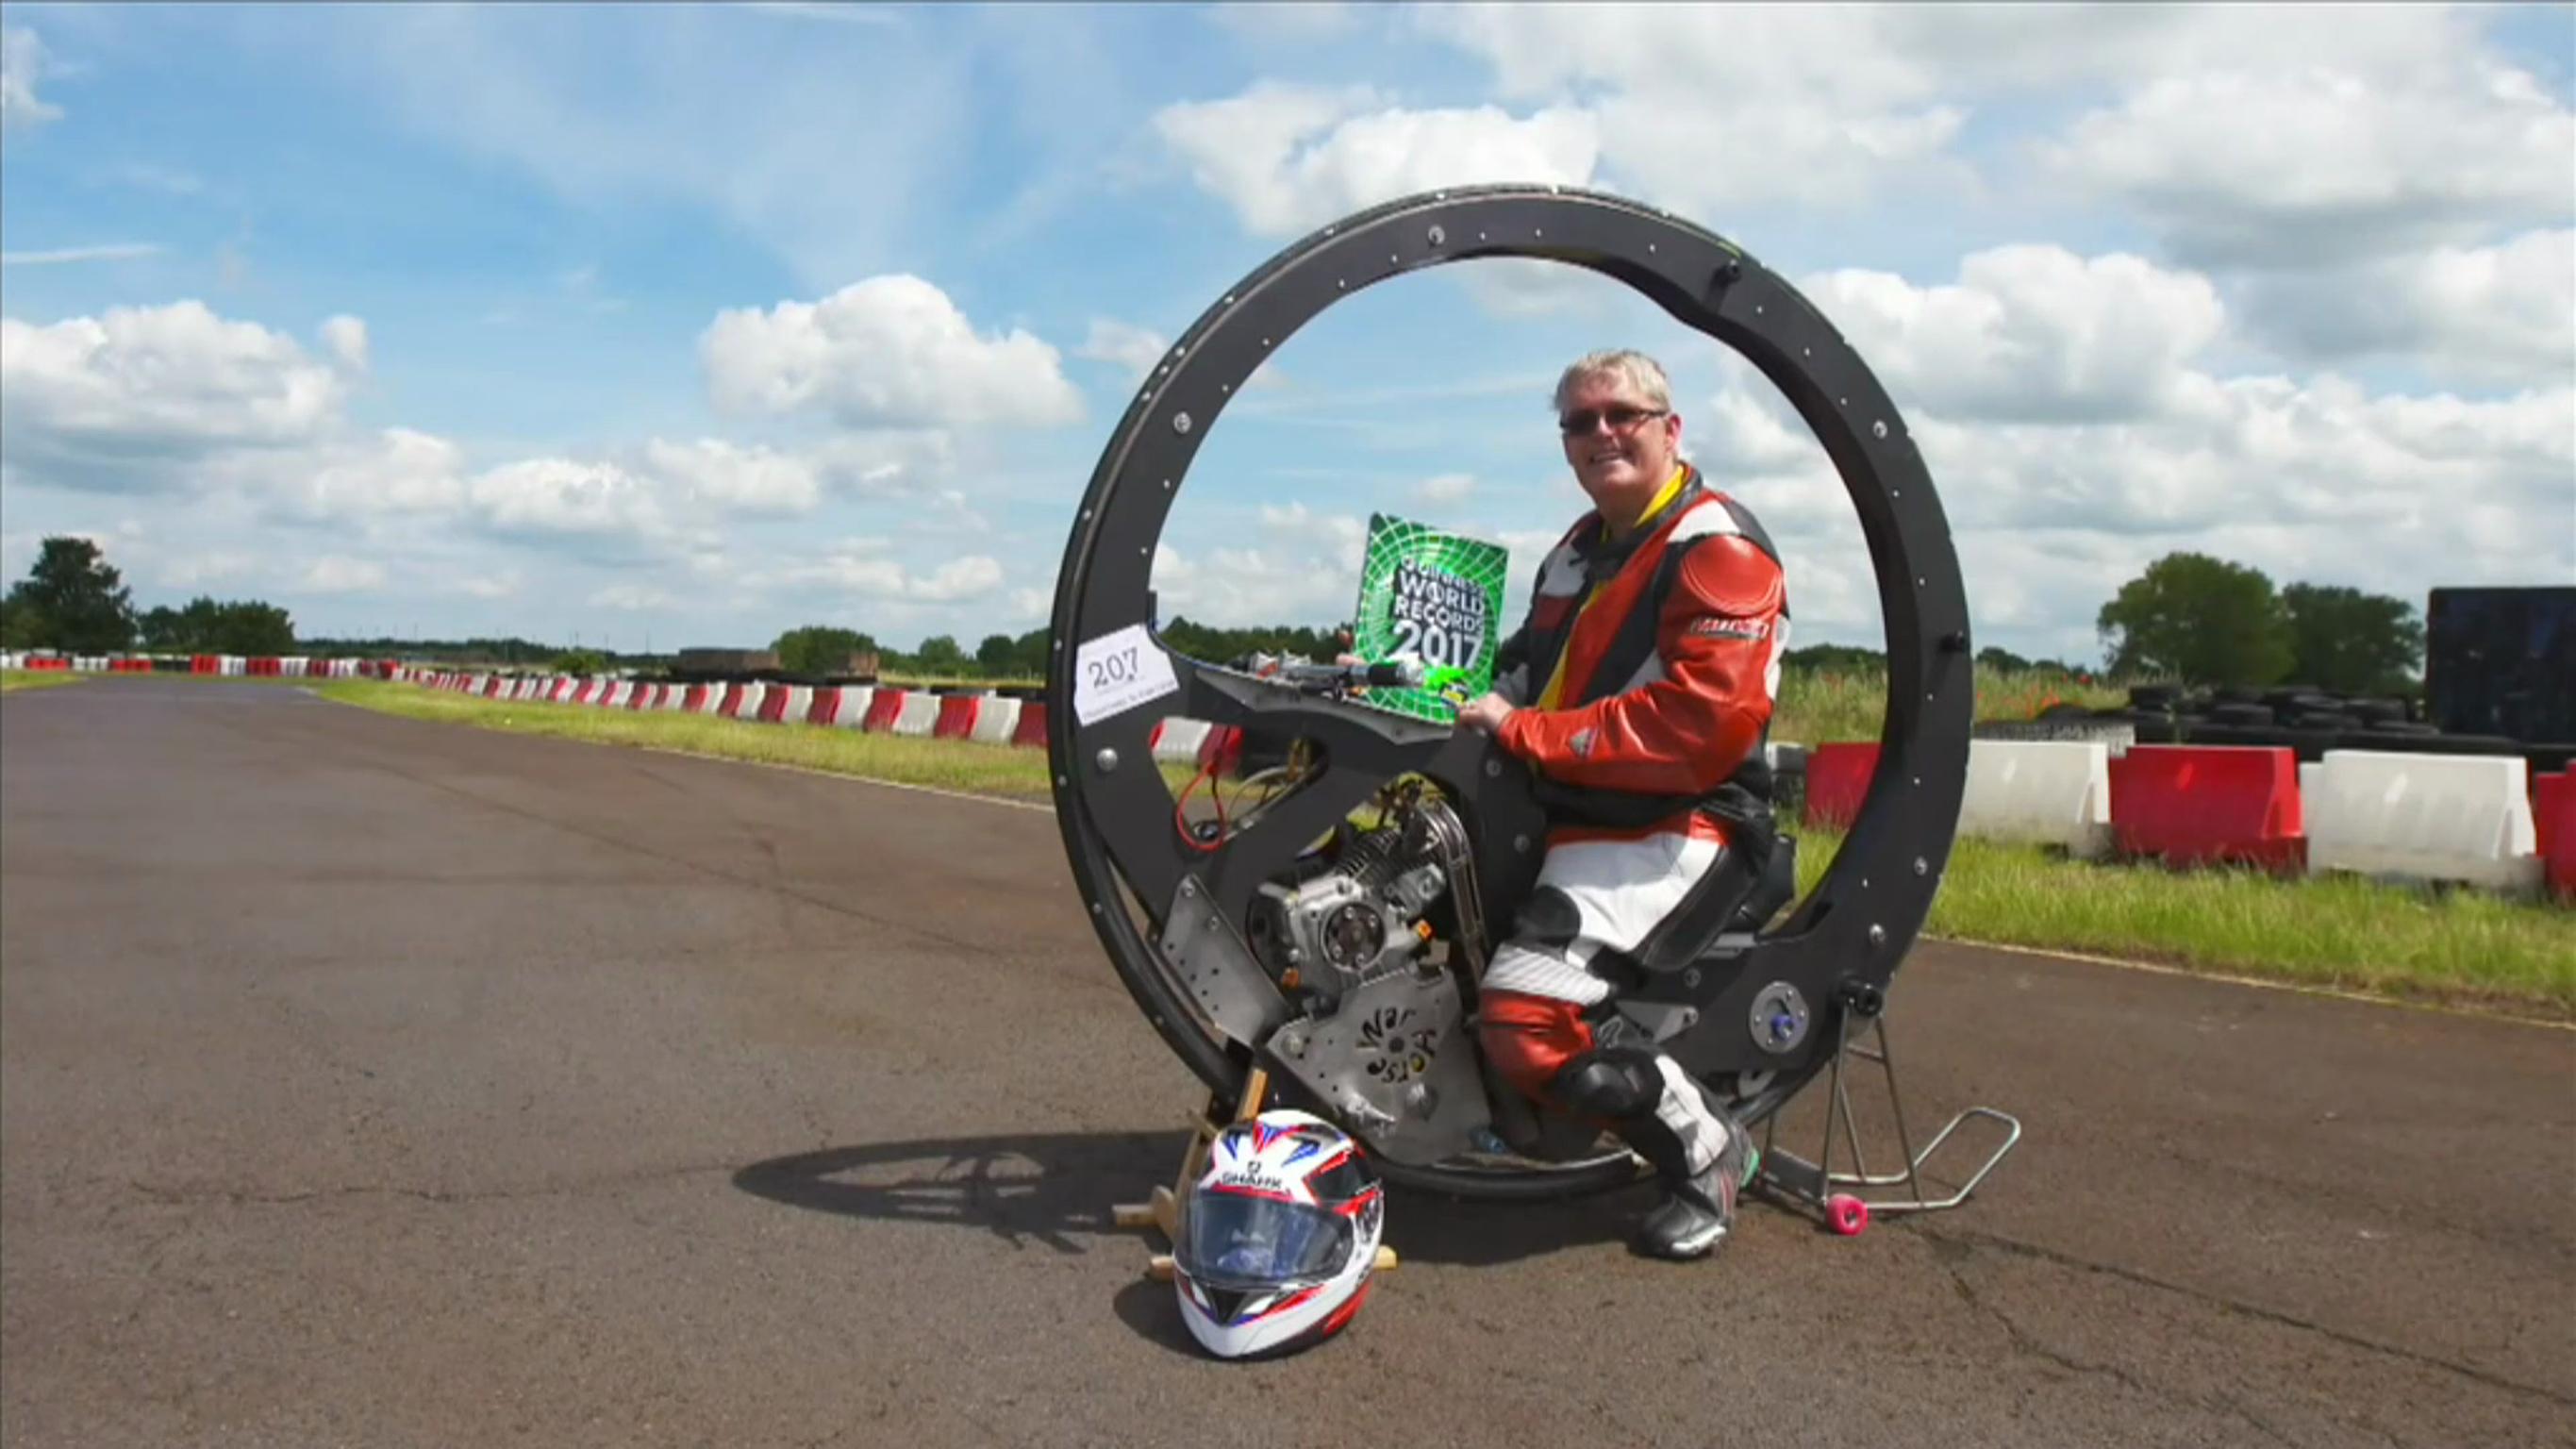 2016 Programa 185 - El monociclo más rápido del mundo